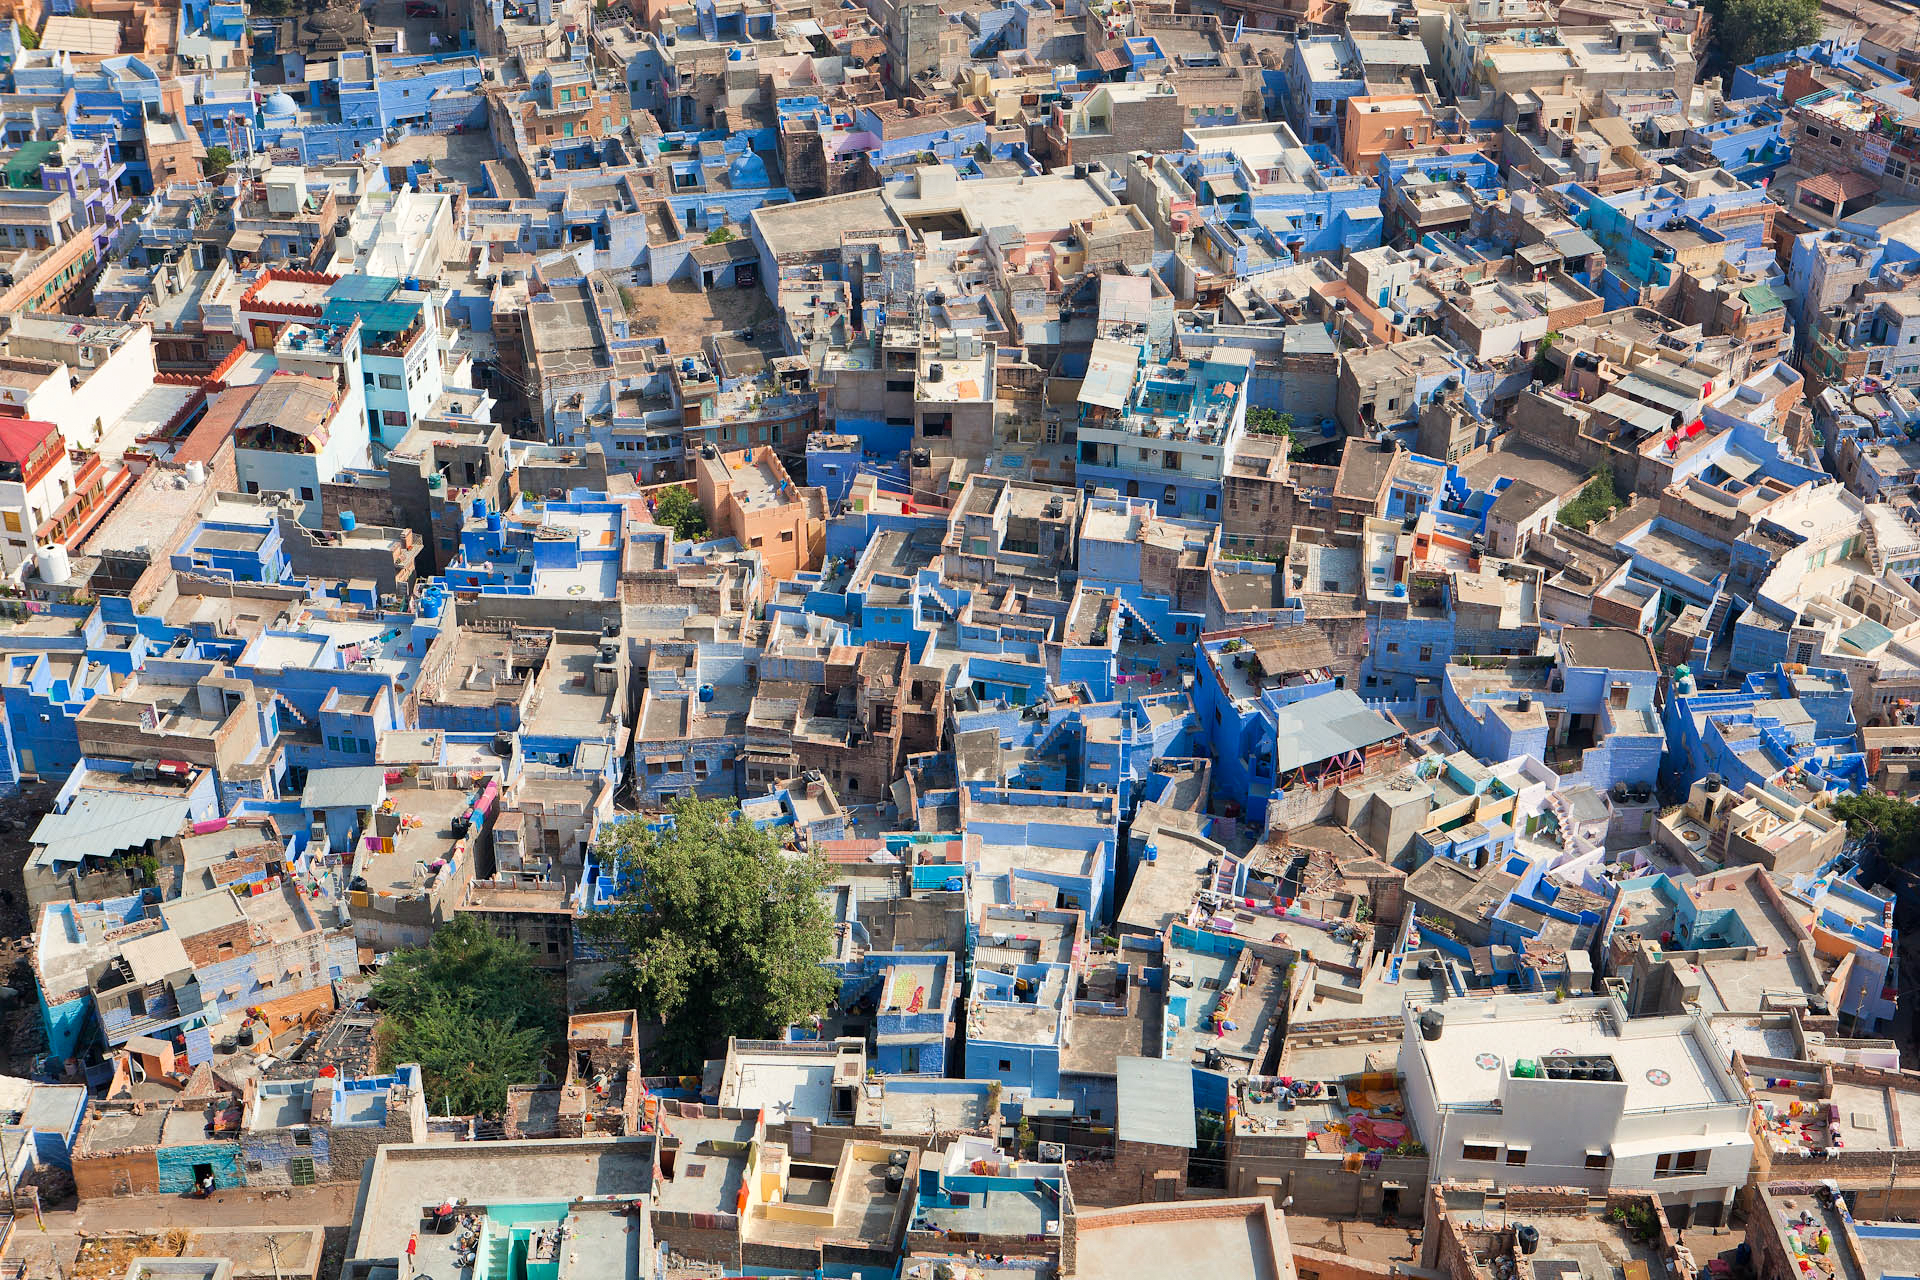 Jason_Bax_Travel_India-Travel-Rajasthan-Jodhpur_2.JPG